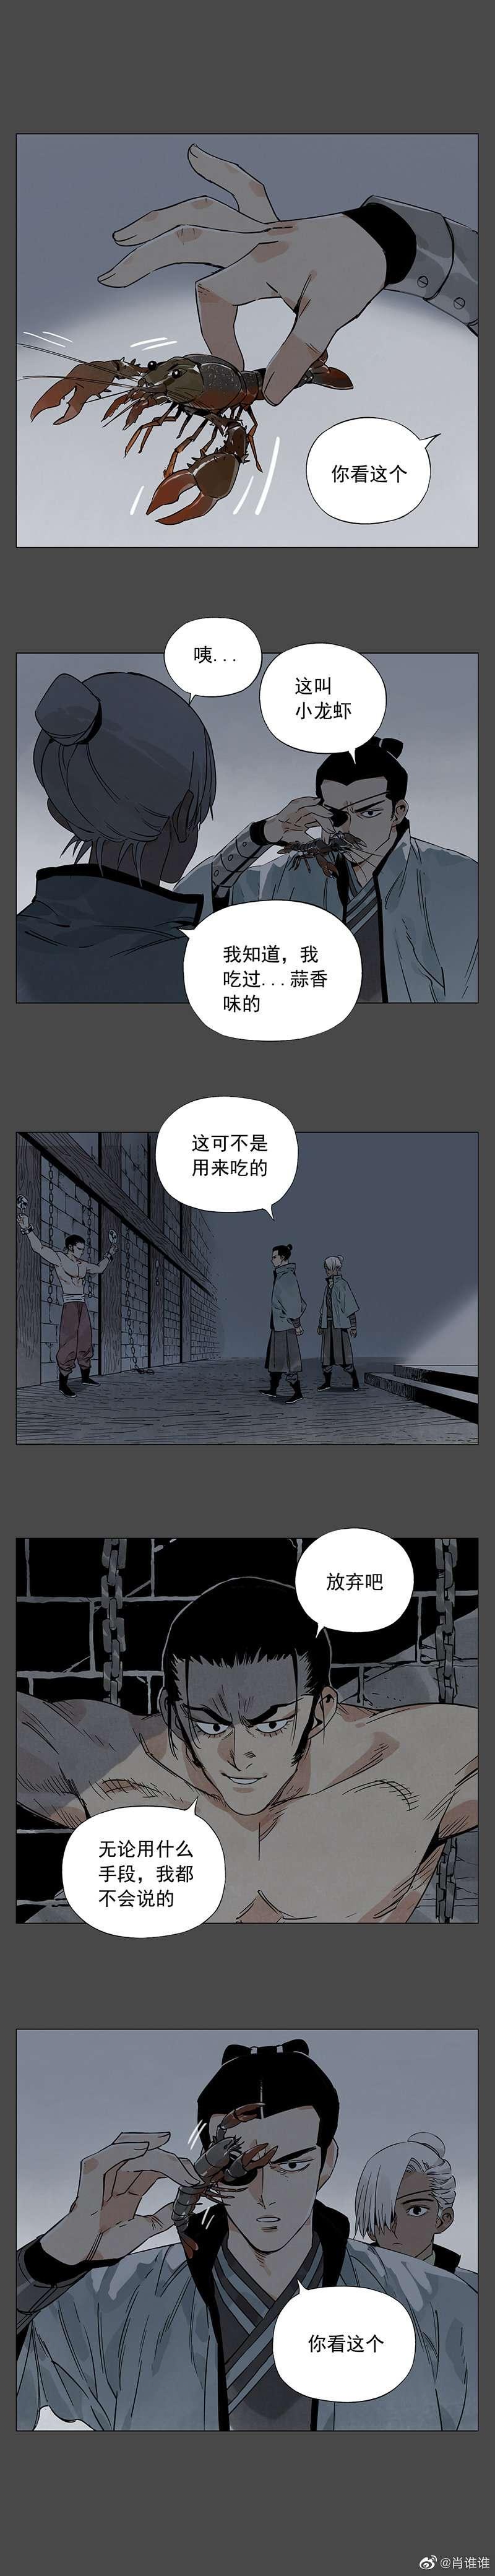 【漫画更新】绝顶87~88